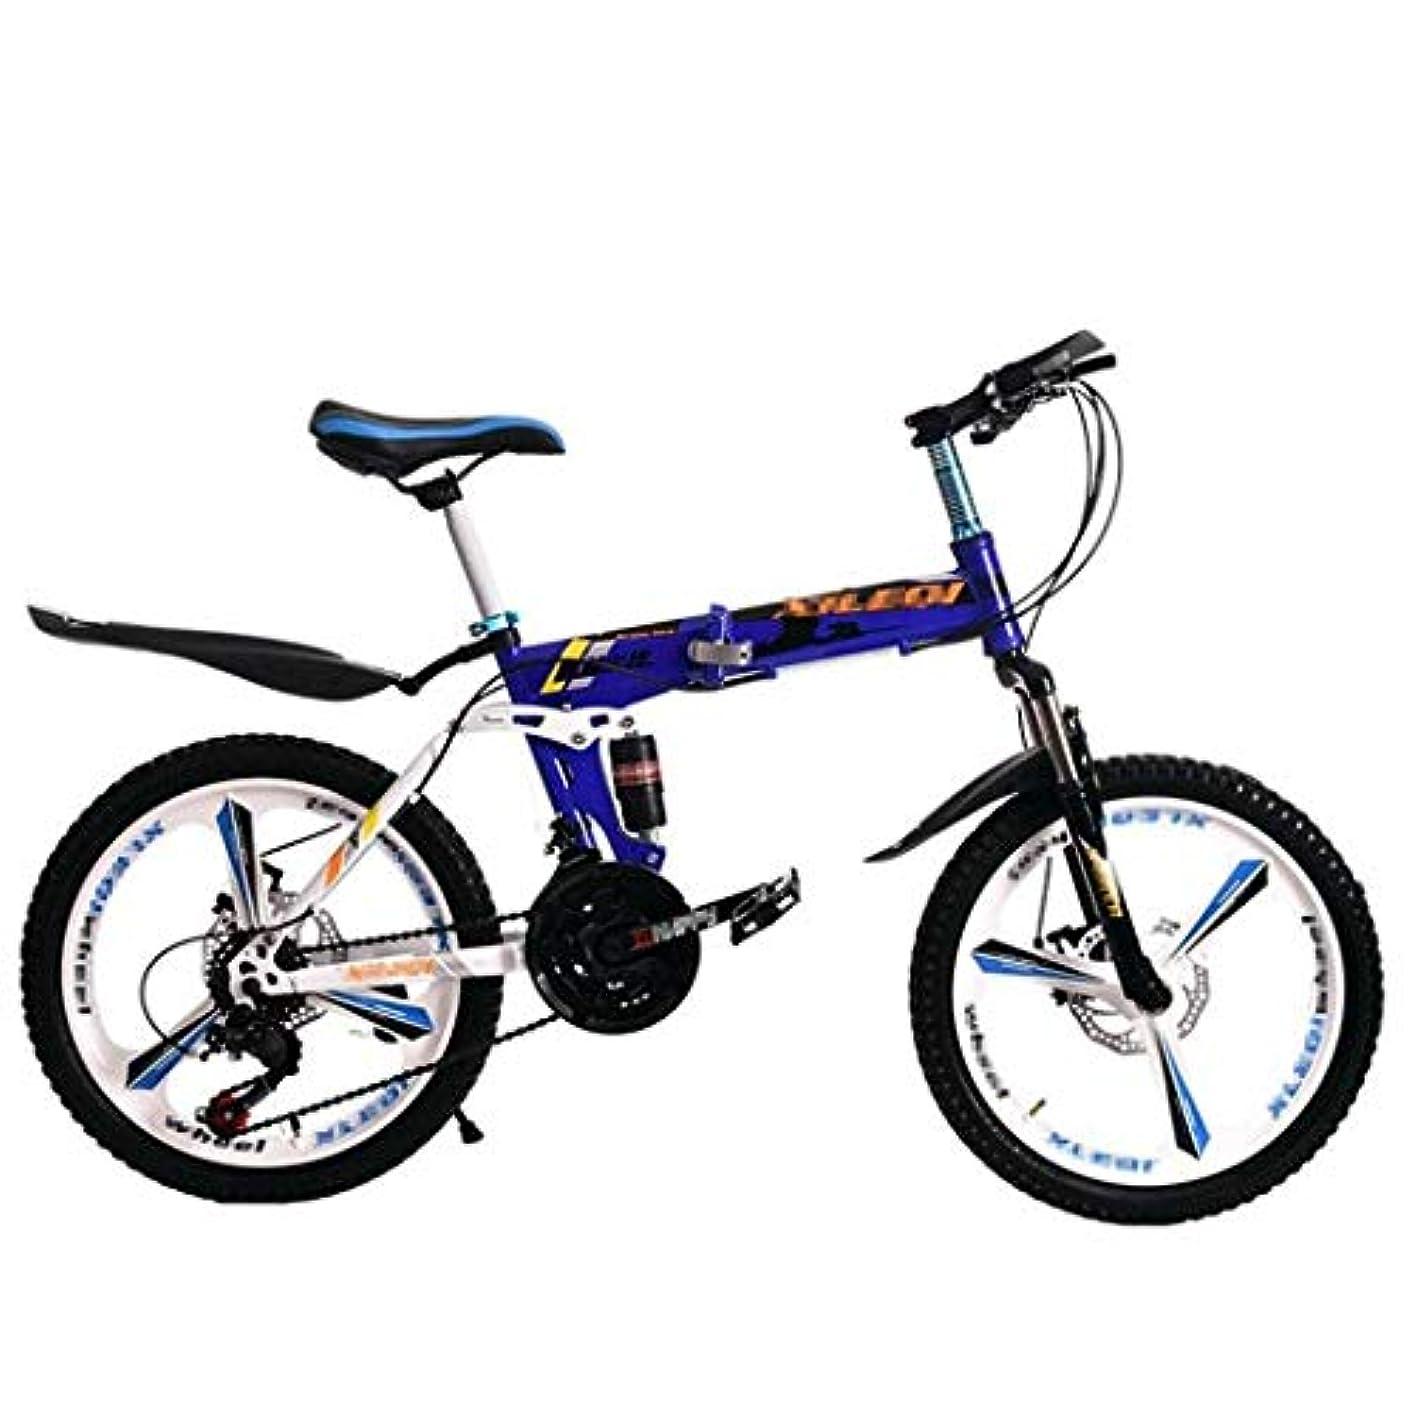 素朴な速報証書子供折りたたみマウンテンバイク子供学習トレーニングサイクル軽量6-12年子供男の子女の子安全最初のマウンテンバイクを実行